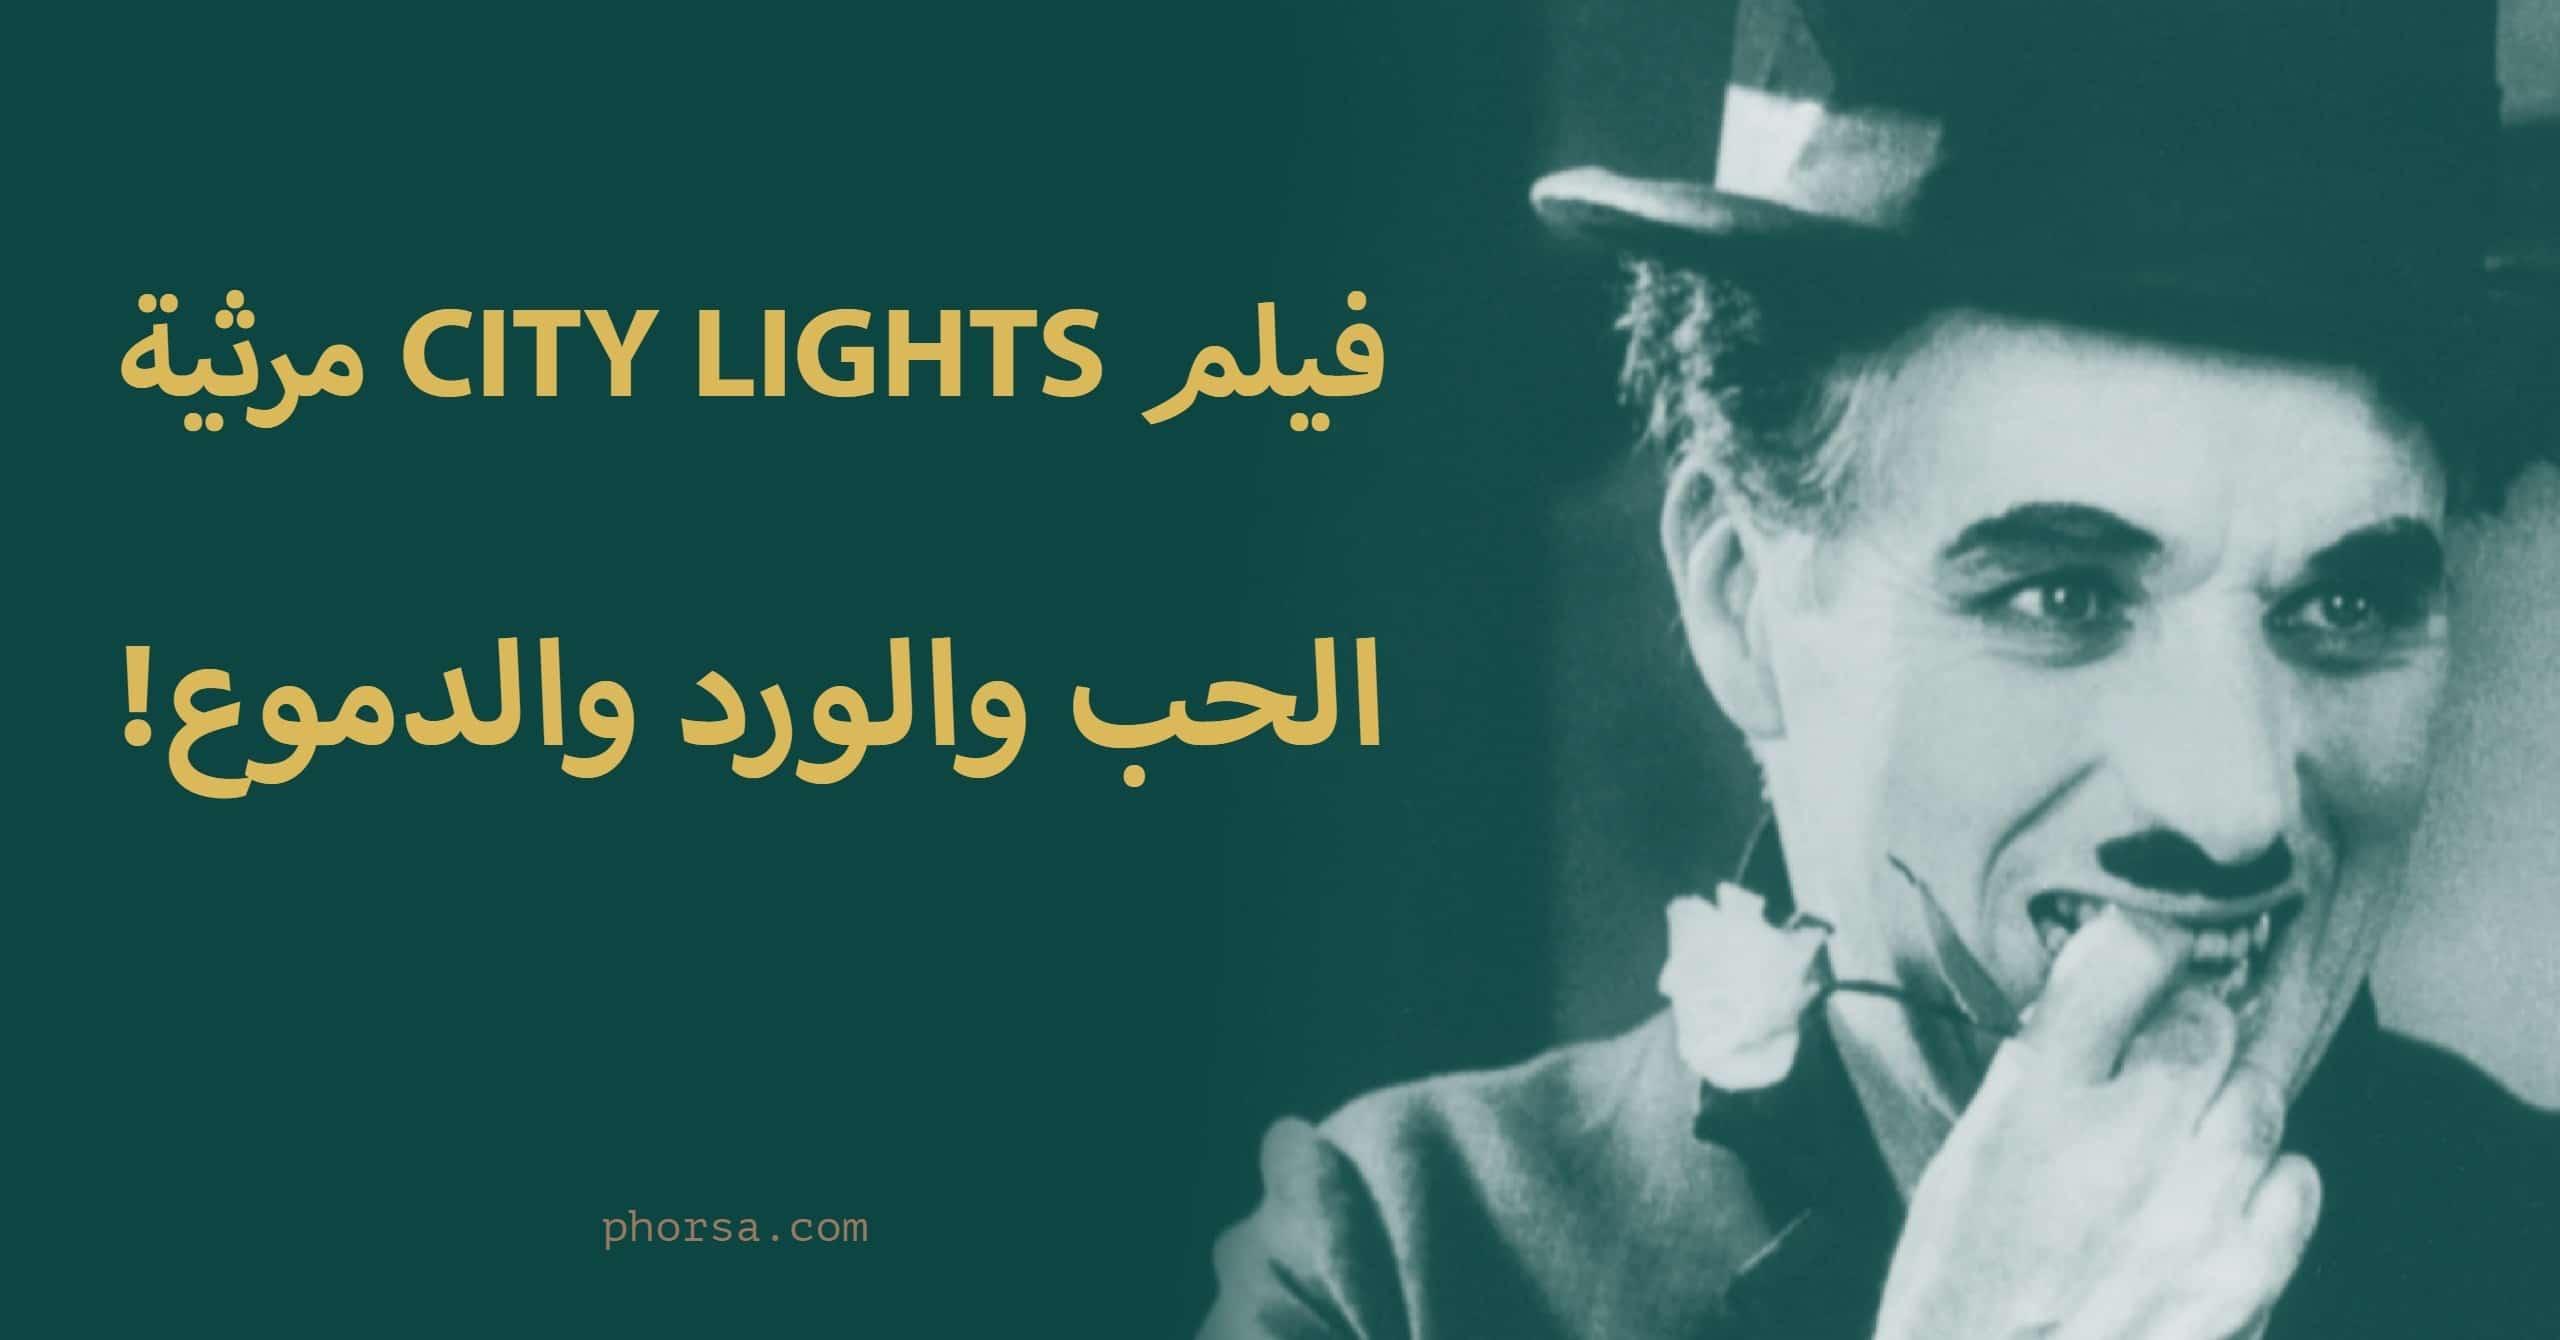 فيلم City Lights_ مرثية الحب والورد والدموع! (2)